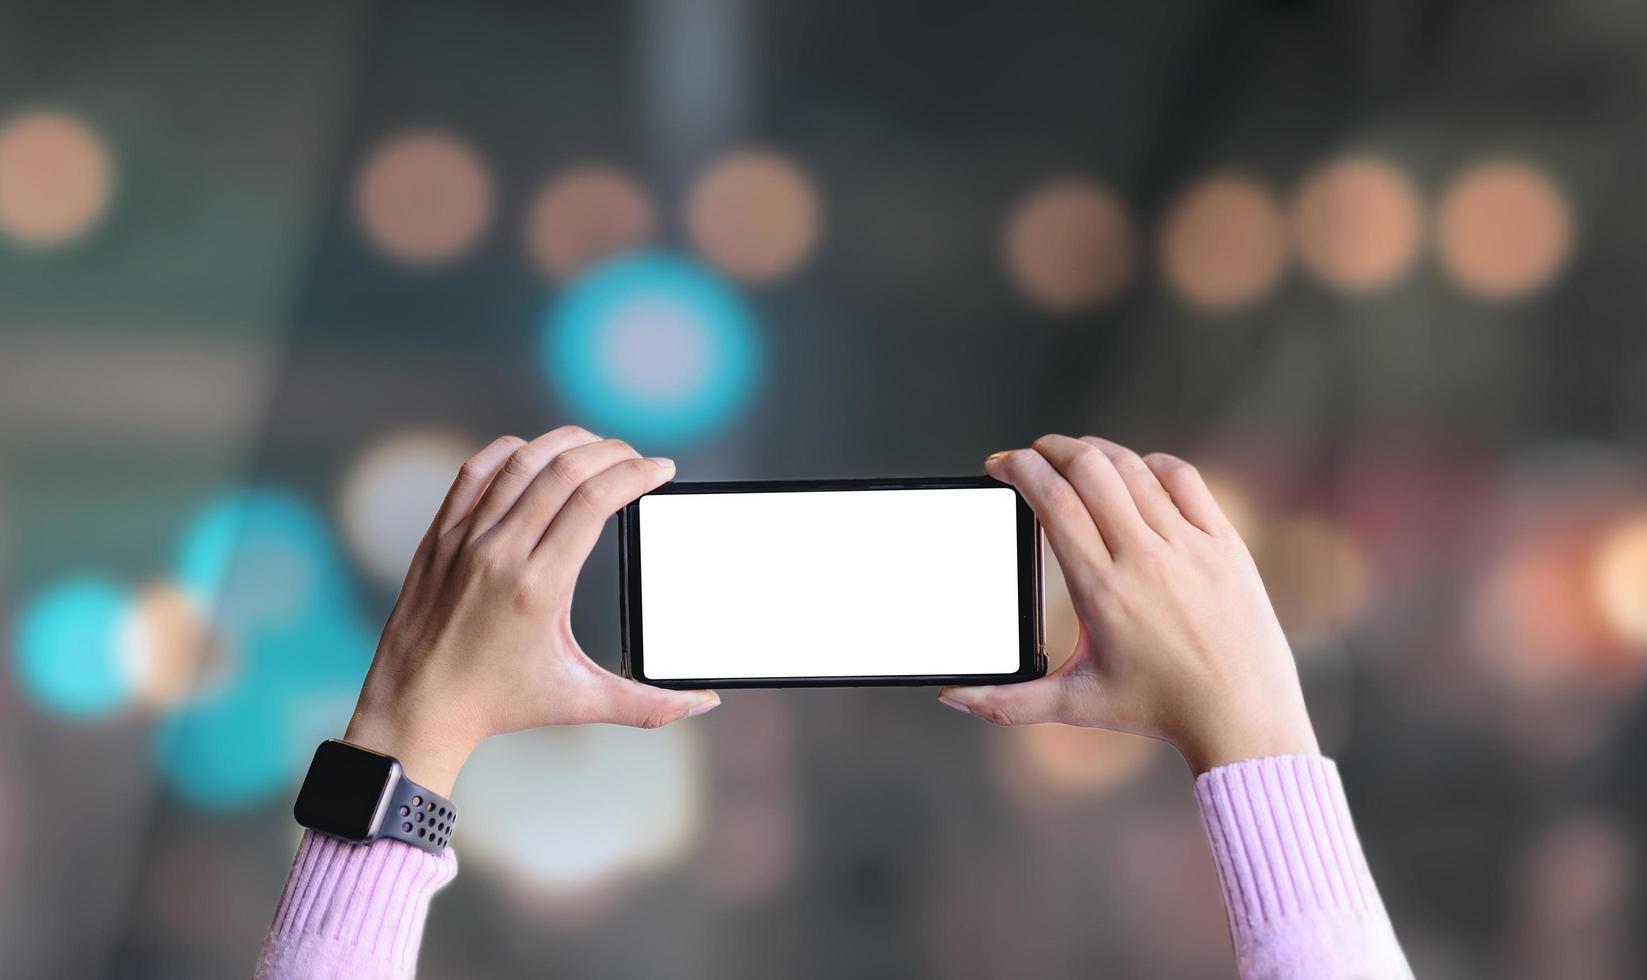 mains féminines tenant un téléphone intelligent photo